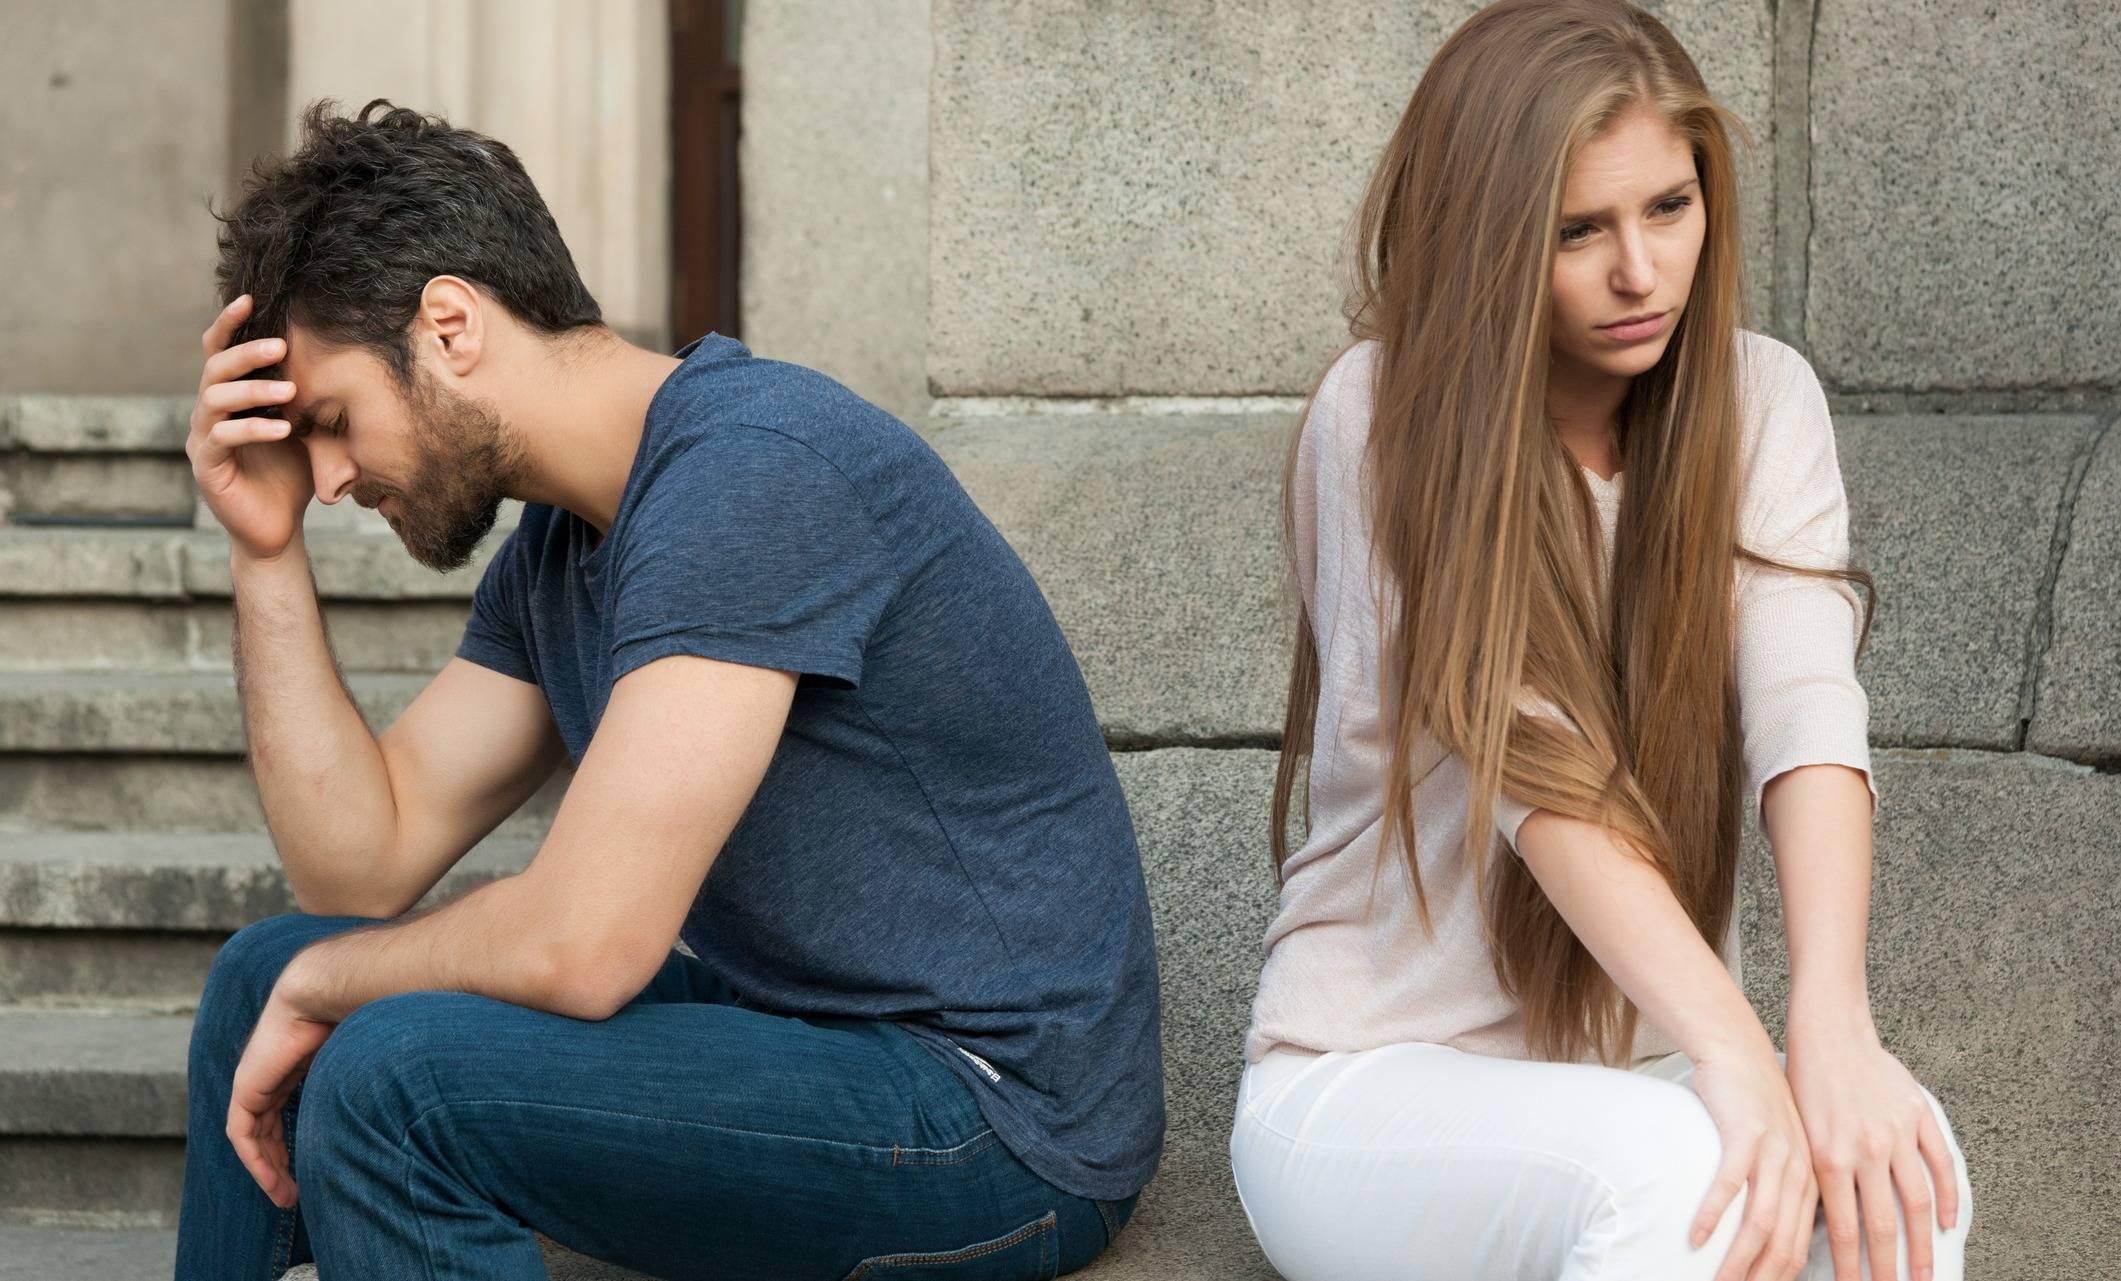 Взгляд психолога. как отличить любовь от любовной зависимости | lady.tut.by